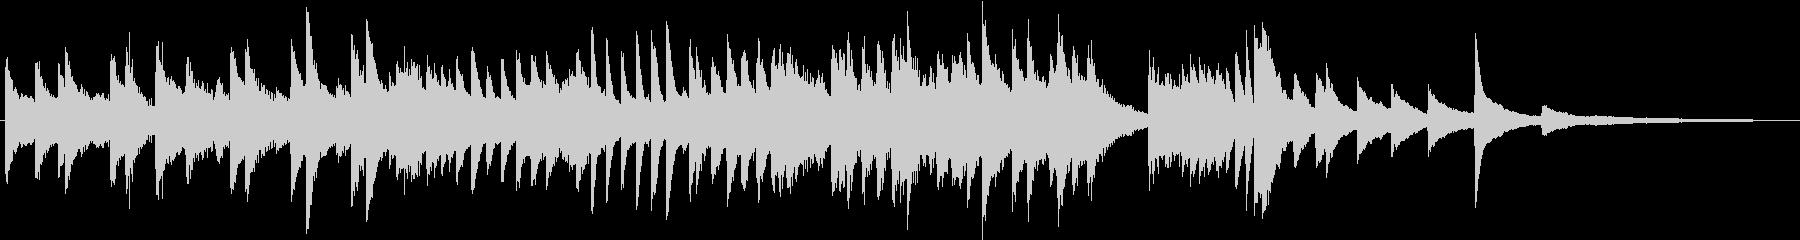 もろびとこぞりてのクリスマスピアノBGMの未再生の波形